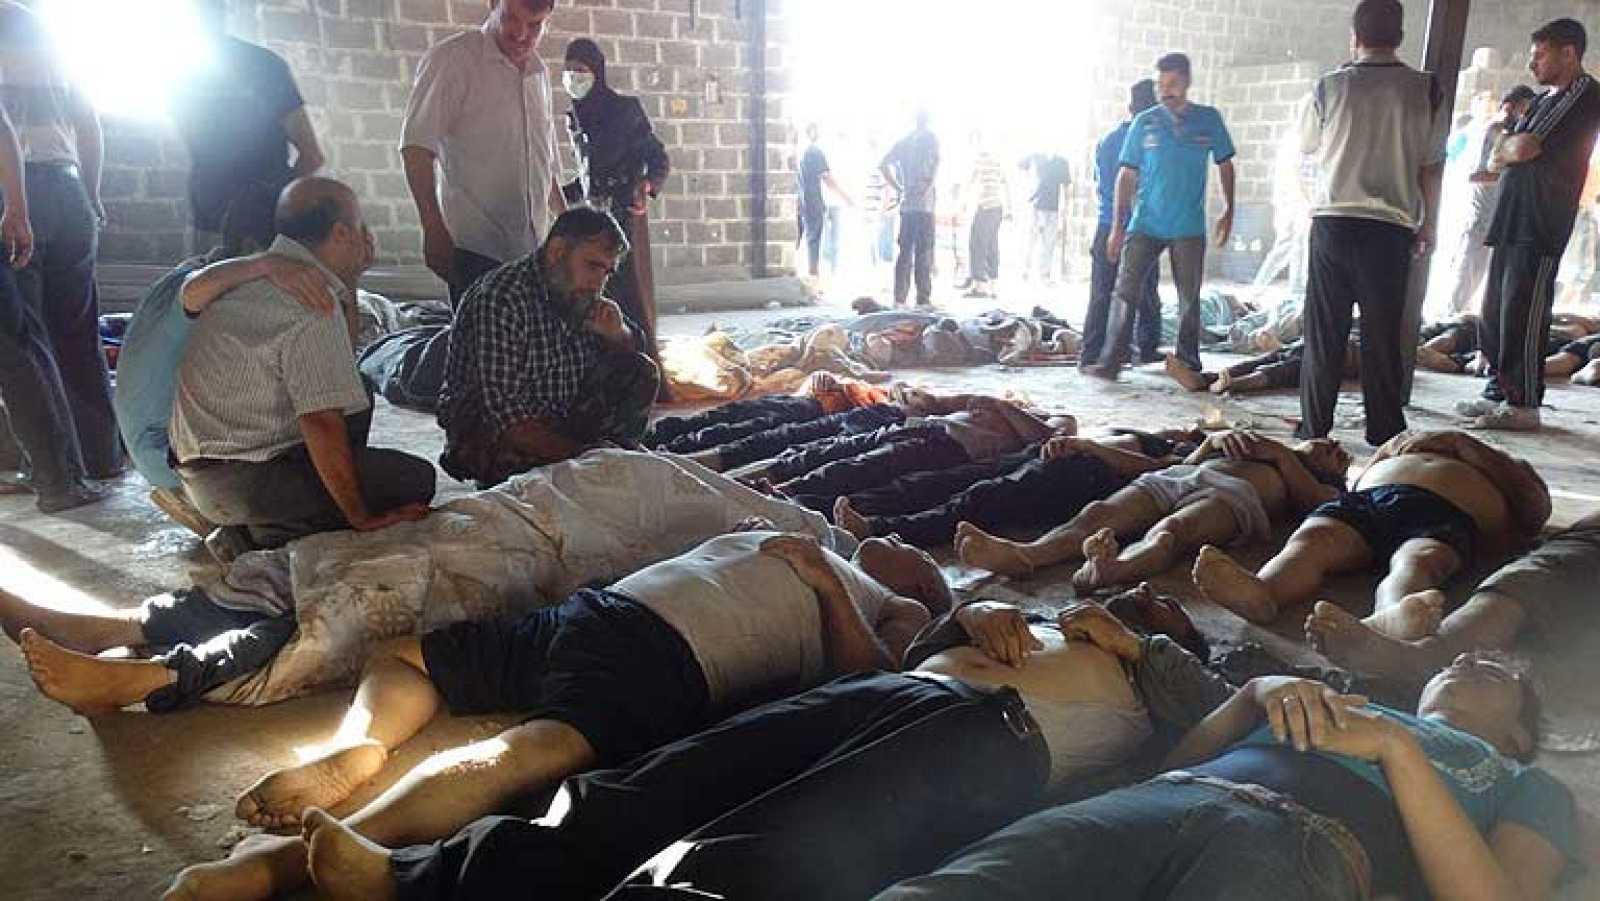 Continúan las reacciones internacionales ante la situación en Siria